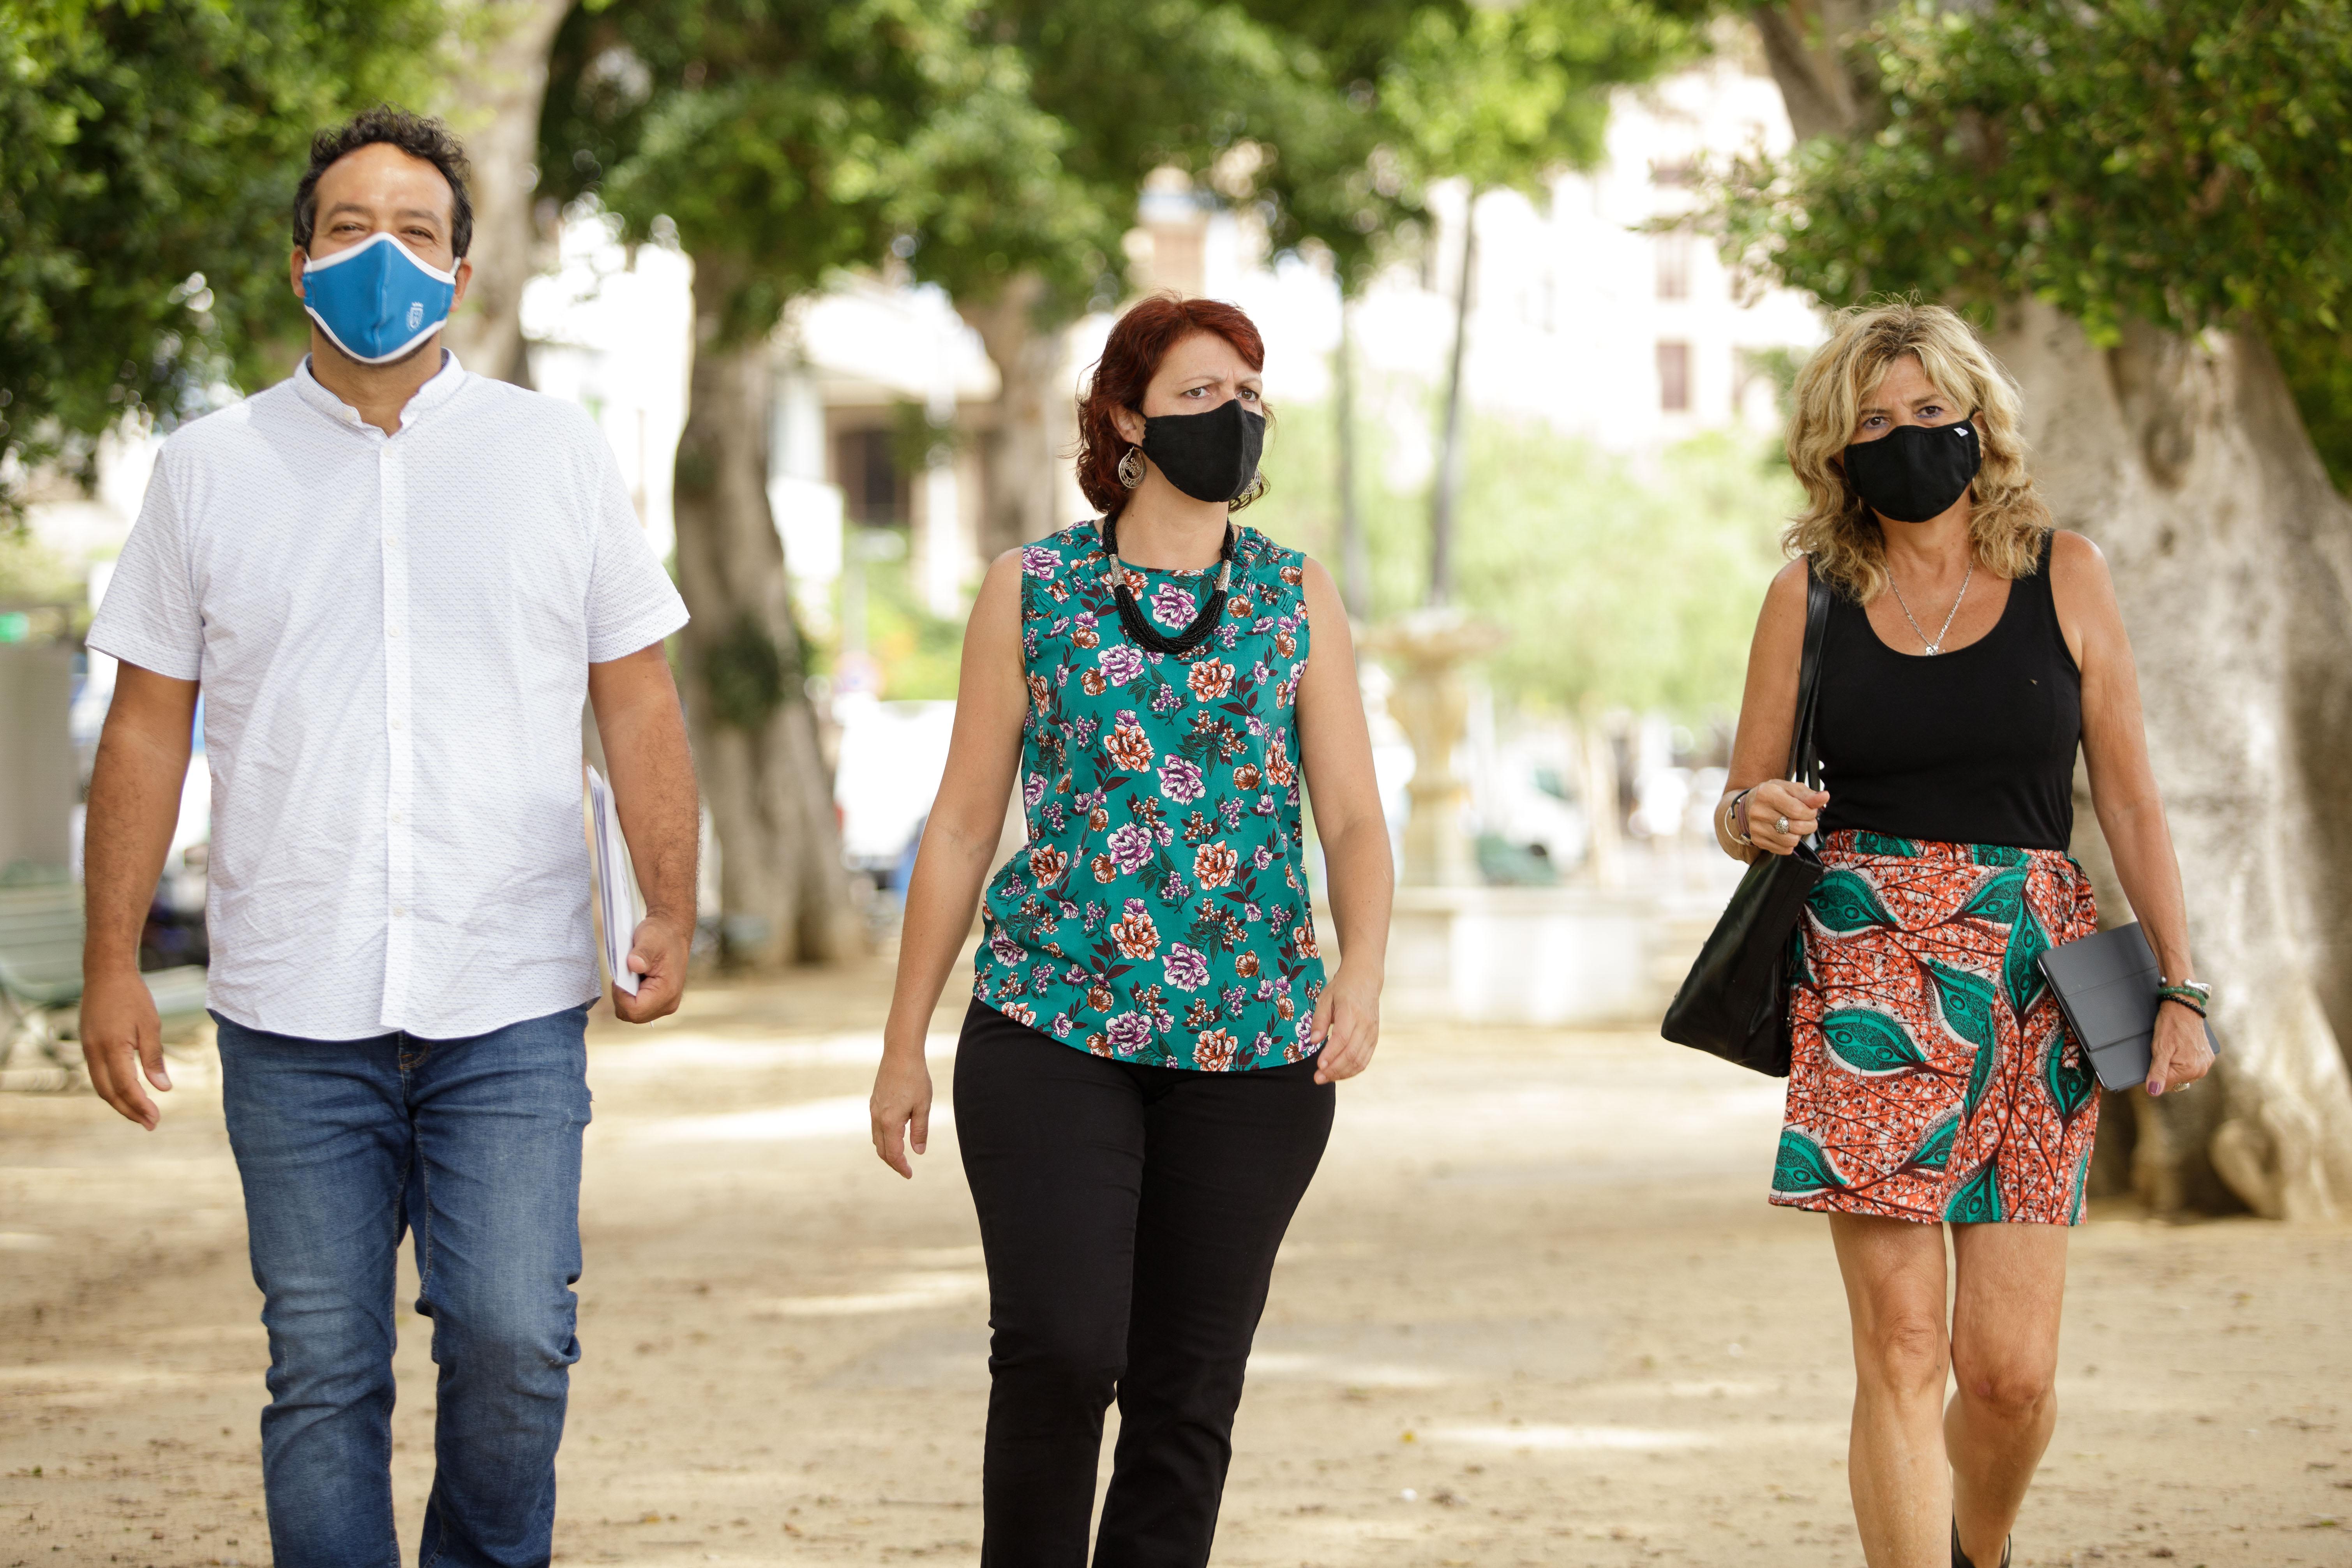 Grupo insular Sí Podemos Canarias en el Cabildo de Tenerife / CanariasNoticias.es